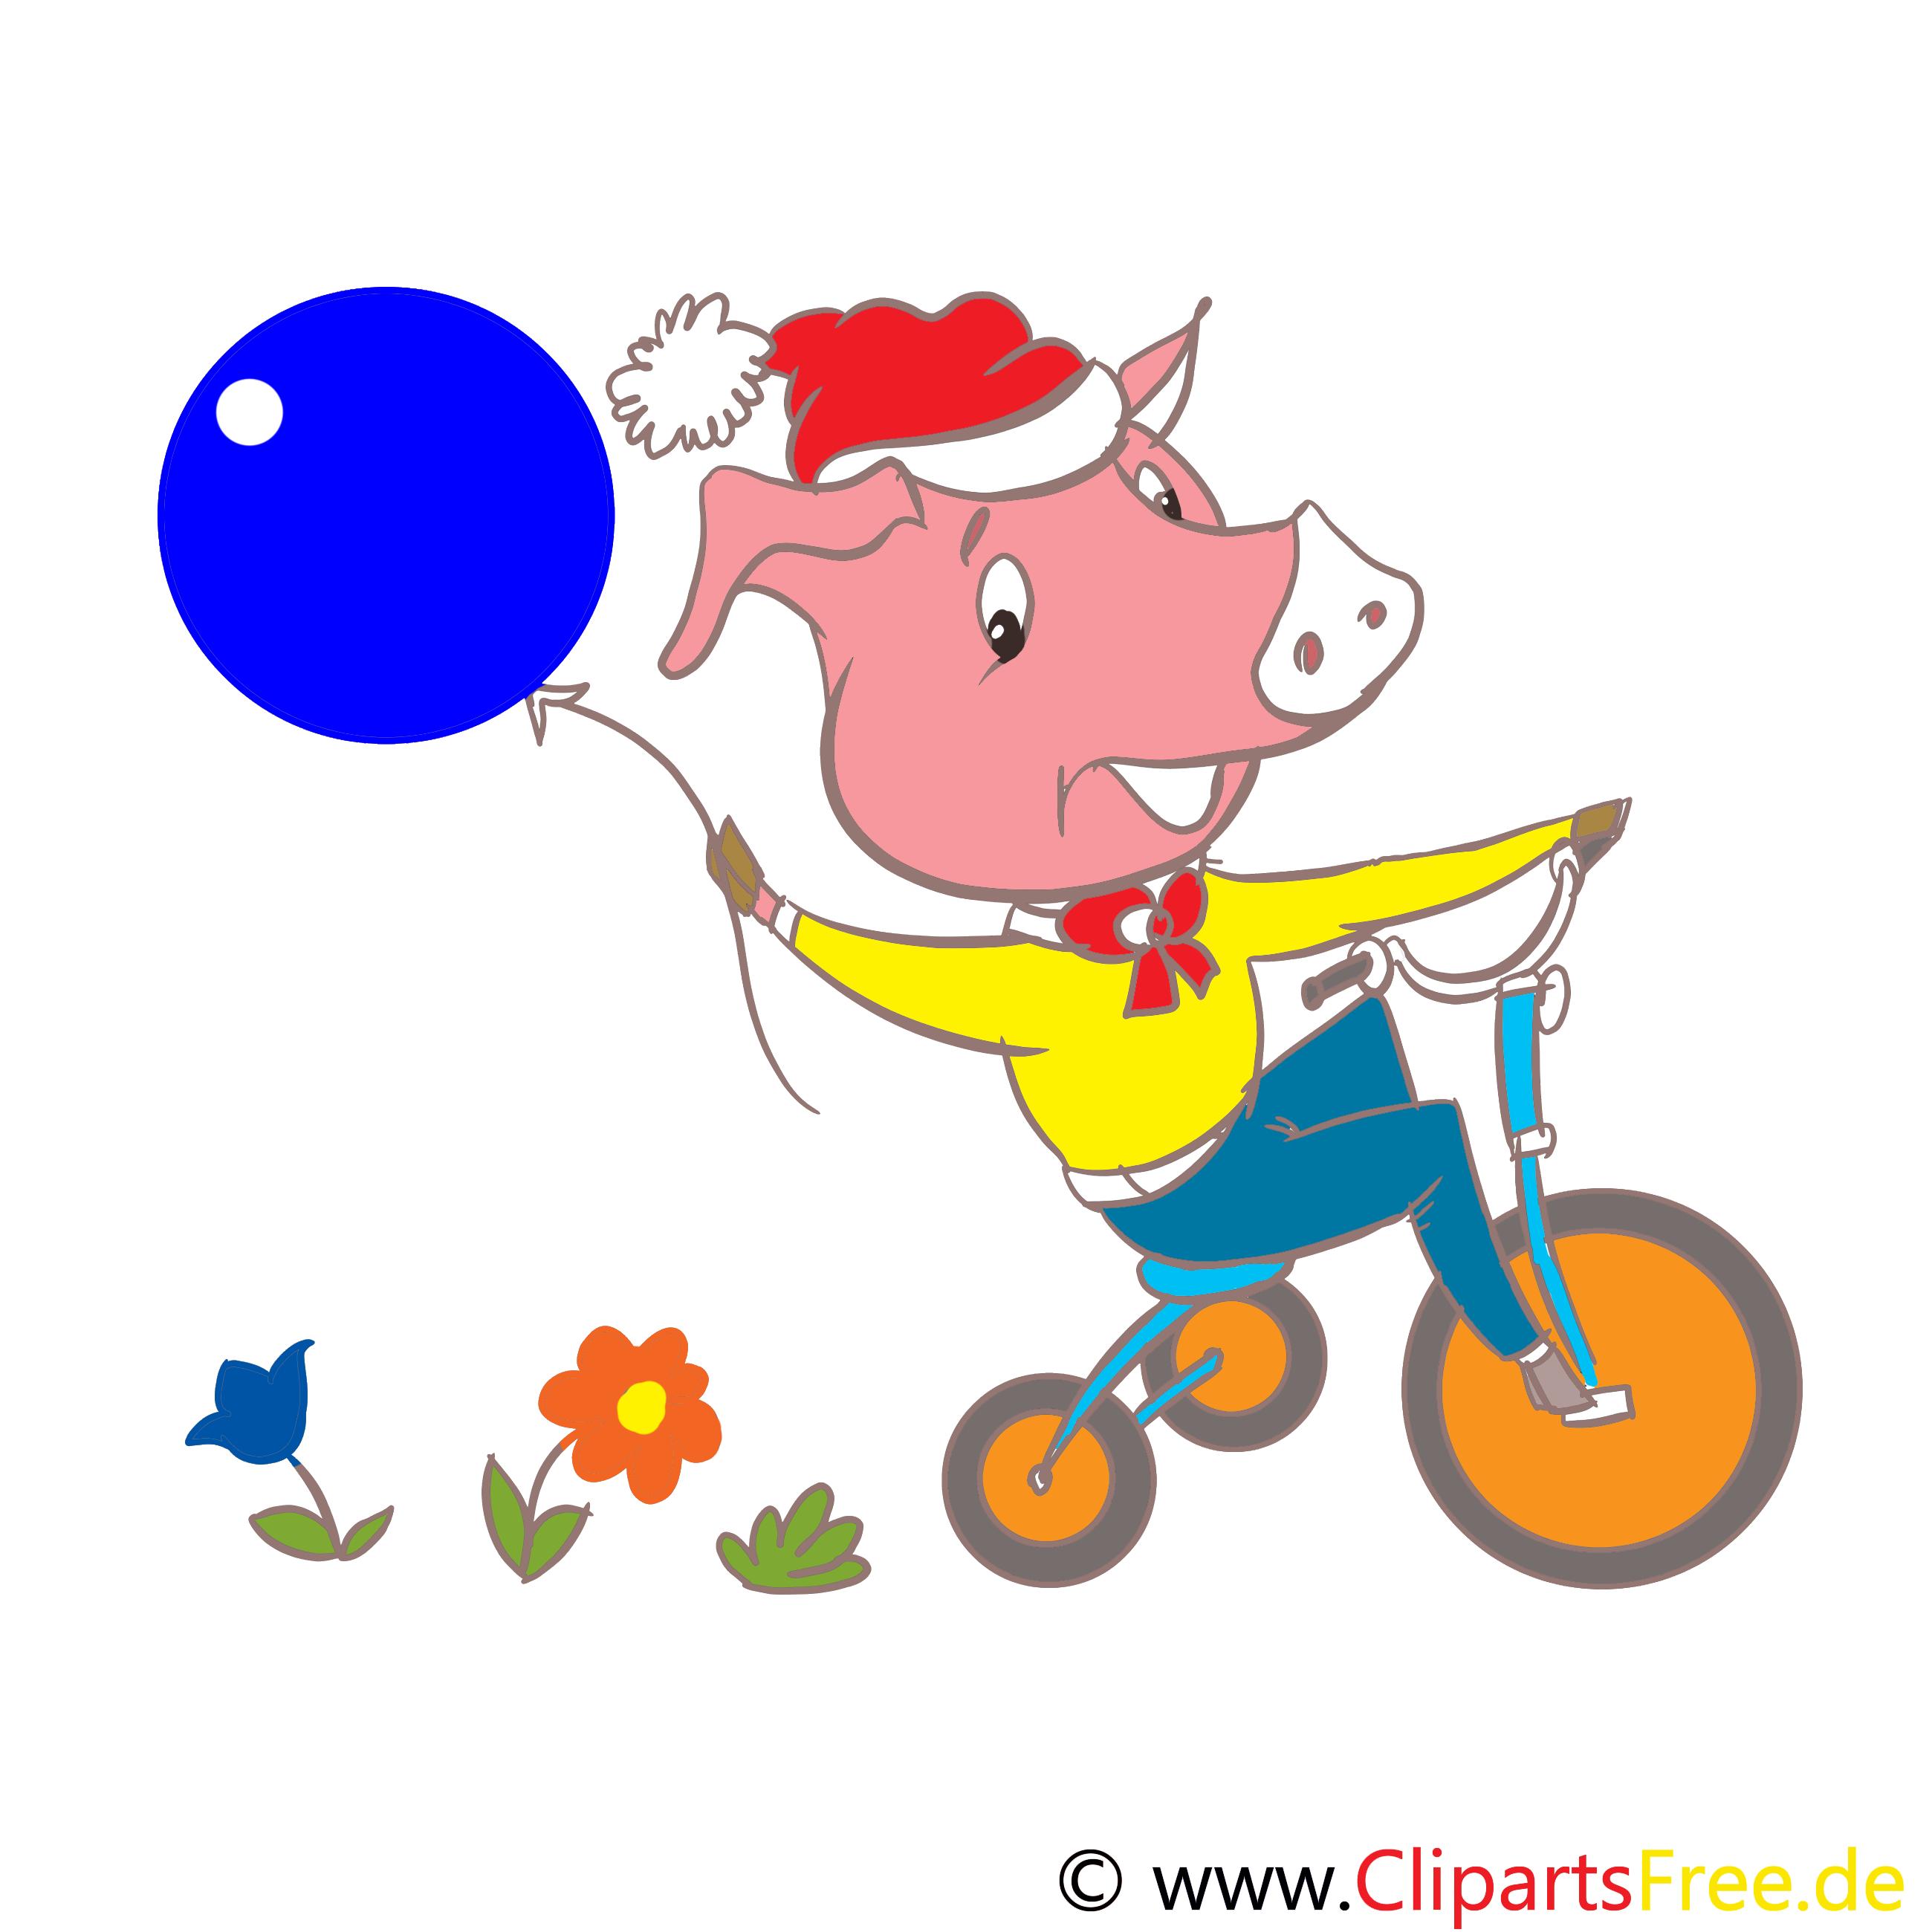 Cochon illustration - Maternelle images gratuites